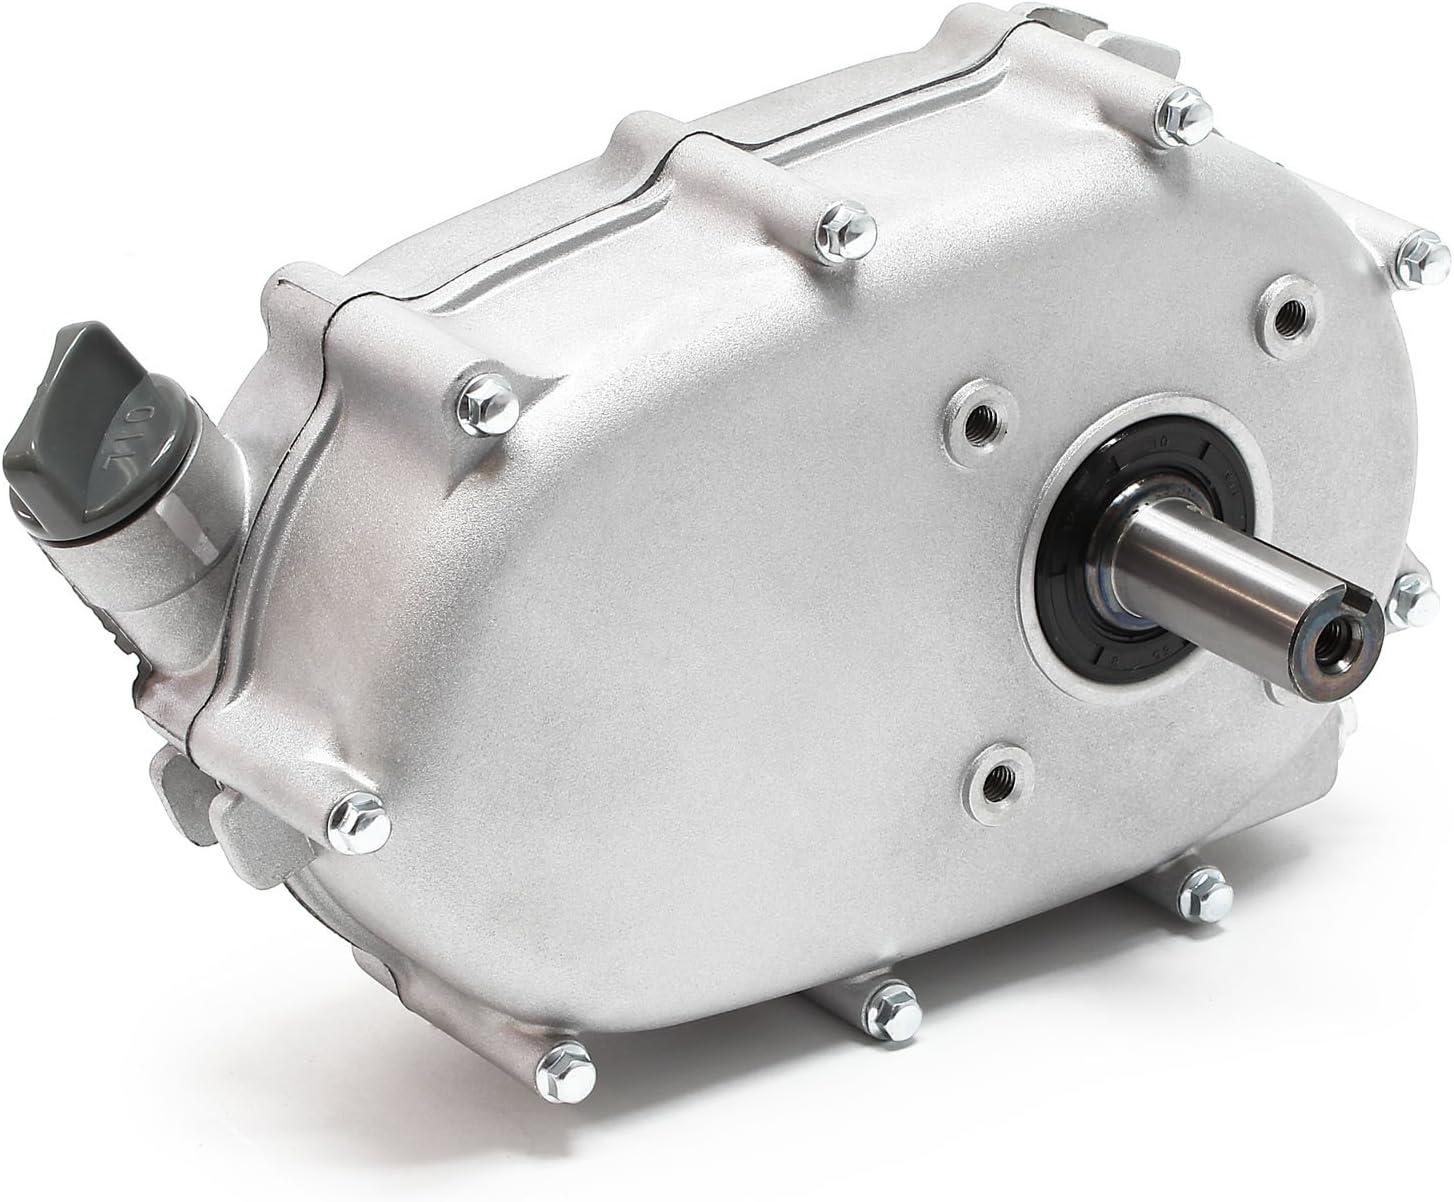 WilTec LIFAN Embrague en baño de Aceite/Embrague centrífugo Q2 (20mm) para Motor 5-6.5 CV Taller Motore